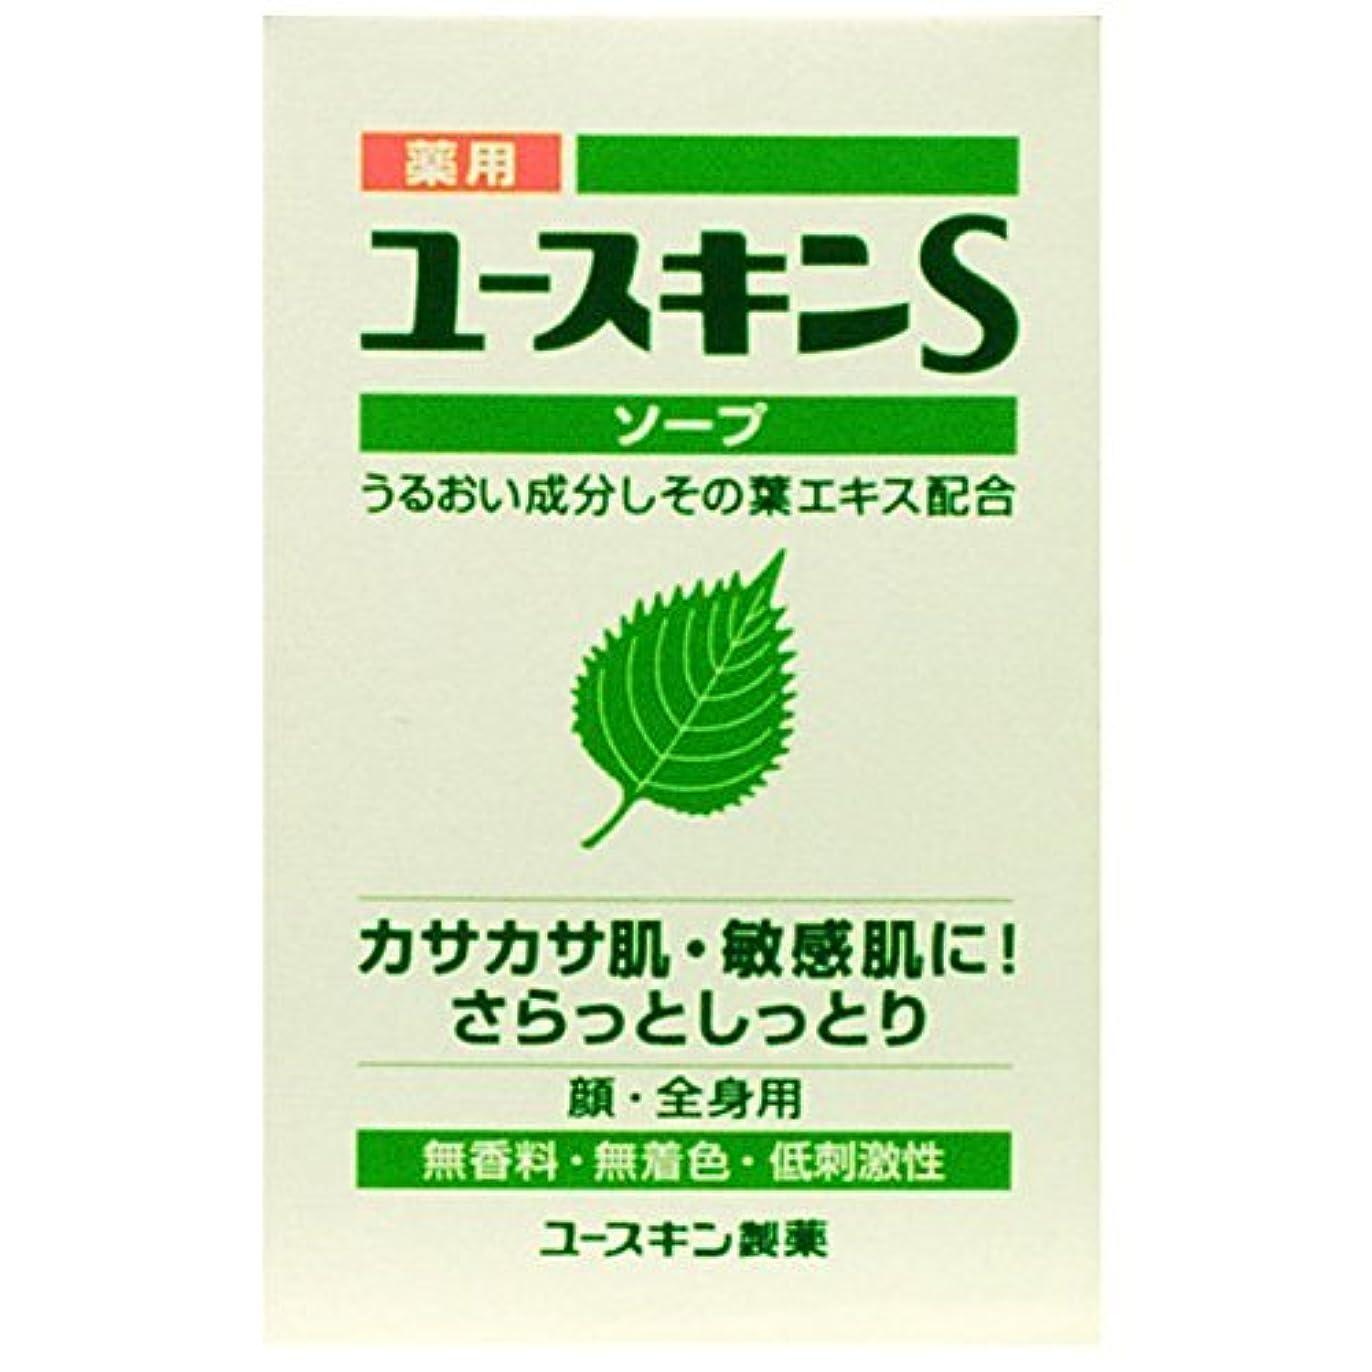 薬用ユースキンSソープ 90g×6個